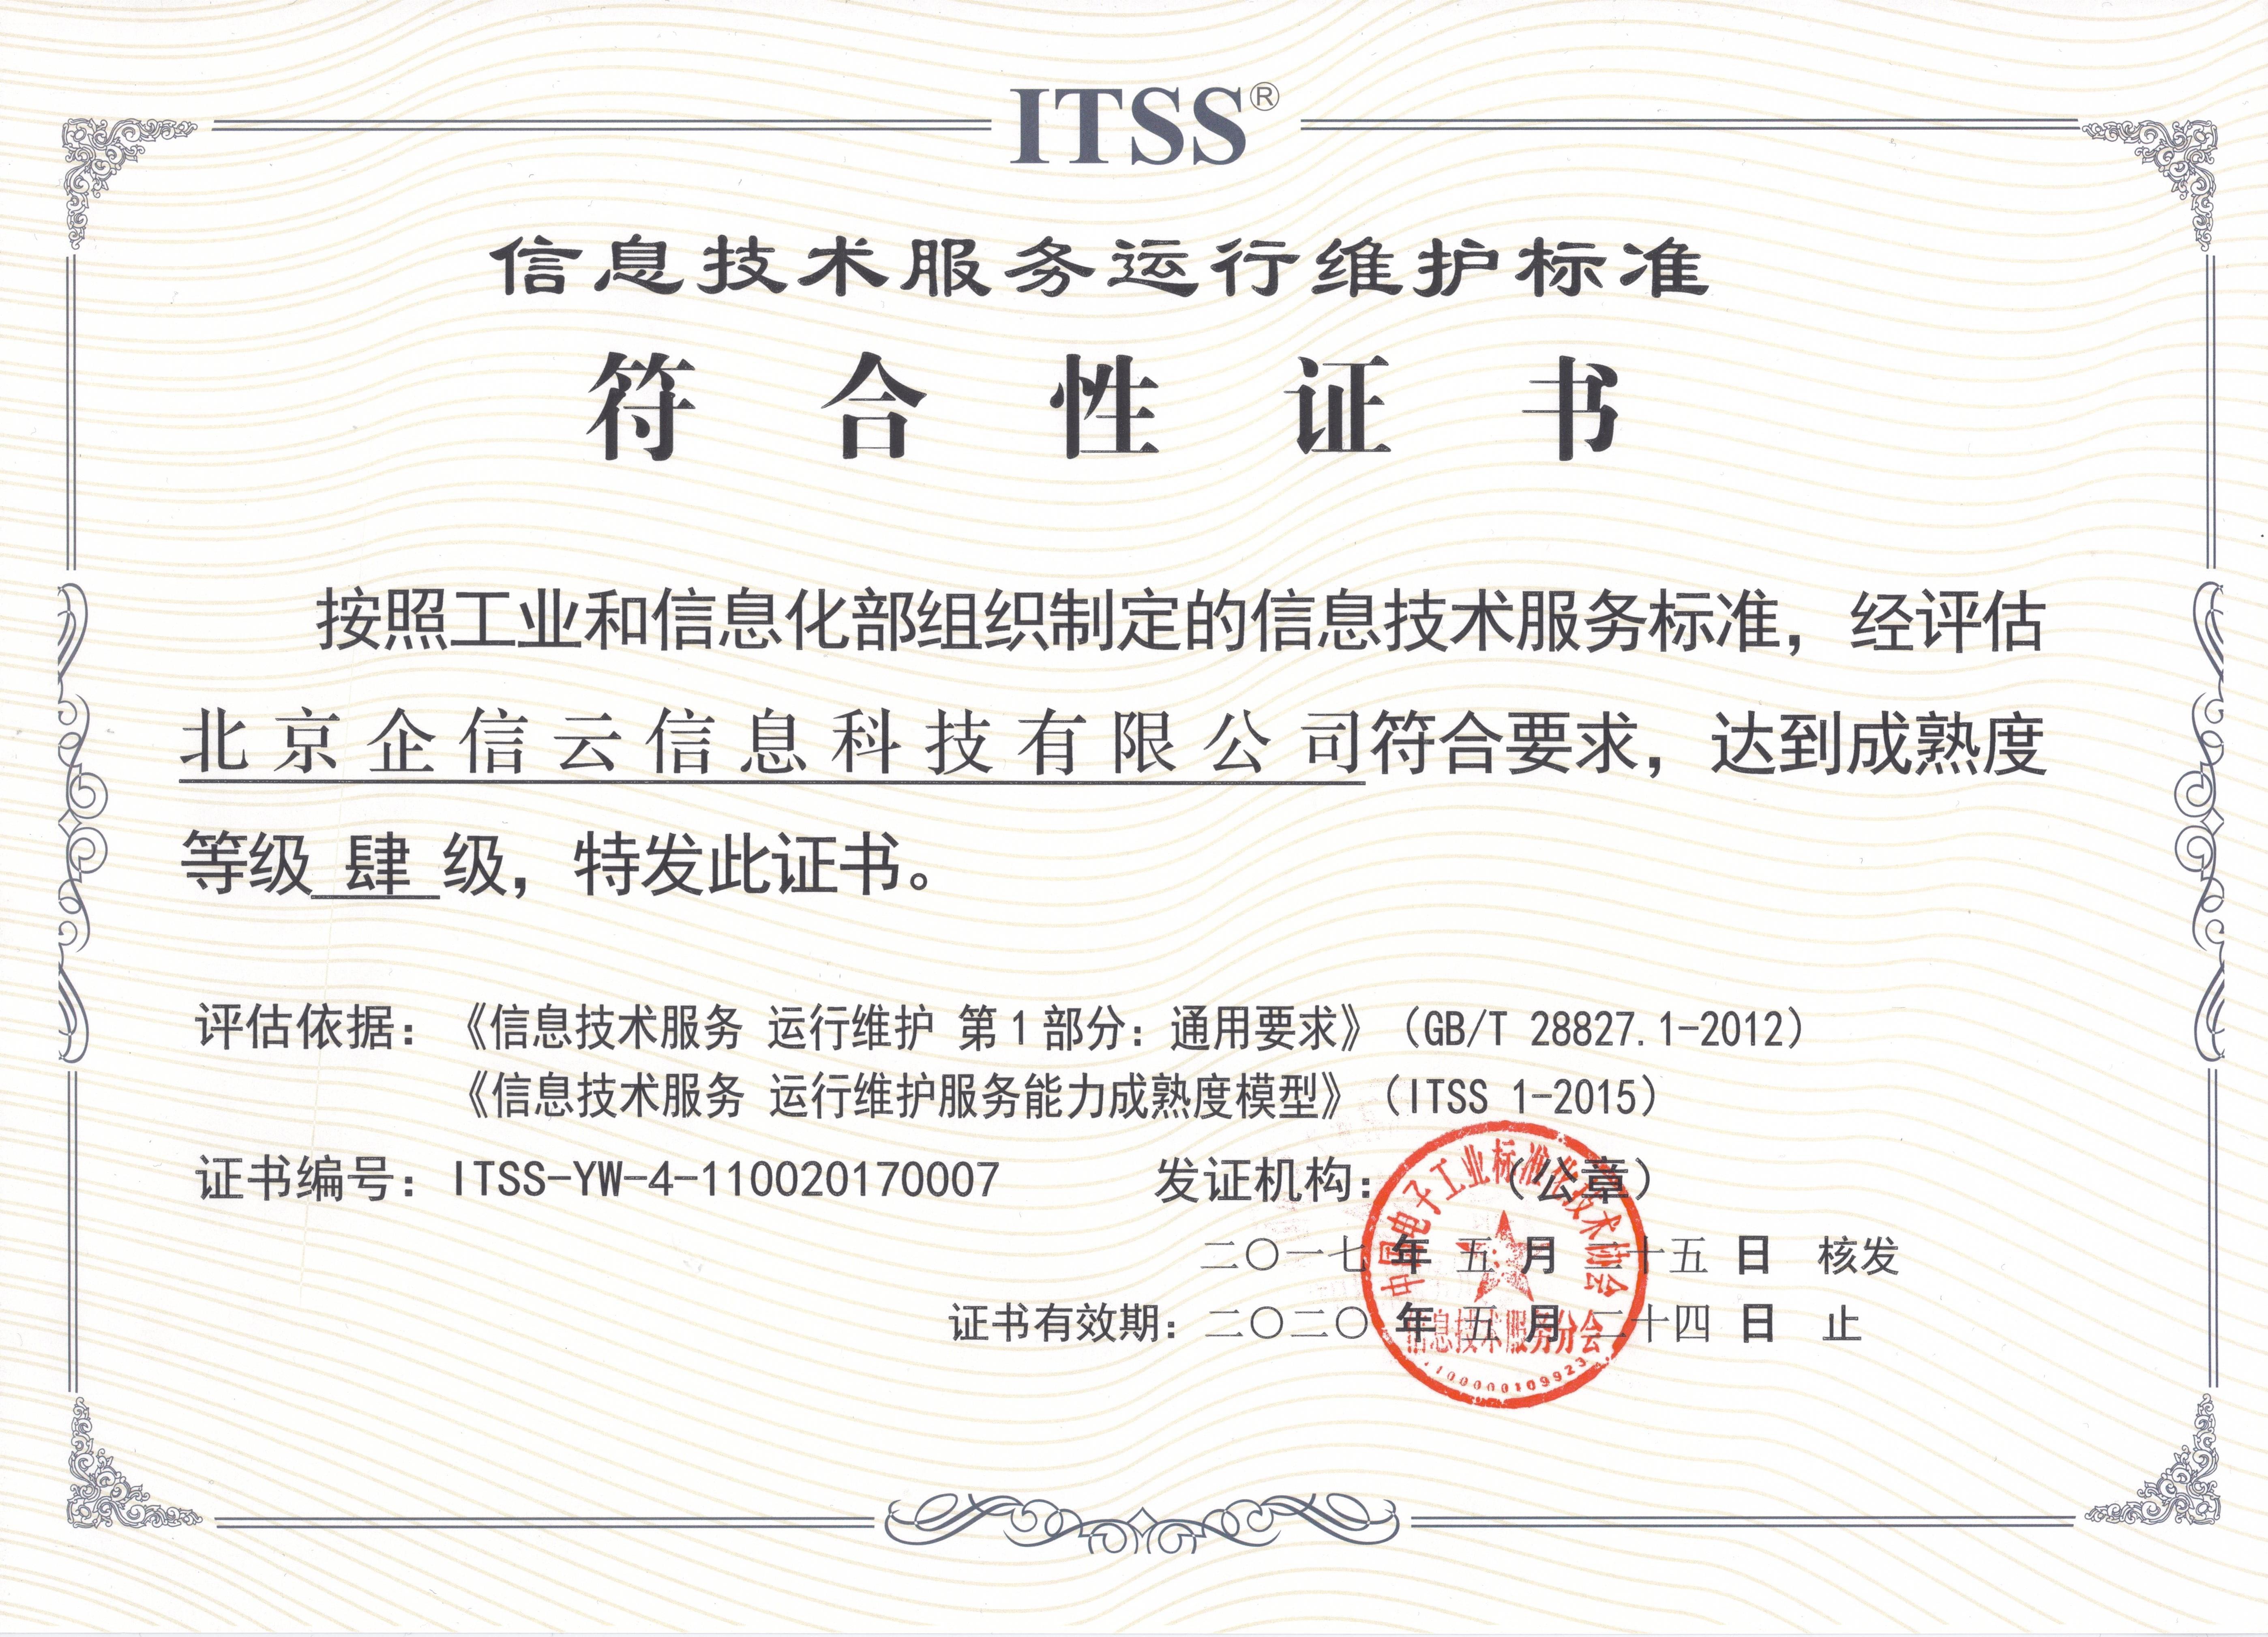 ITSS(Information Technology Service Standards,信息技术服务标准,简称ITSS)是一套成体系和综合配套的信息技术服务标准库,全面规范了IT服务产品及其组成要素,用于指导实施标准化和可信赖的IT服务。